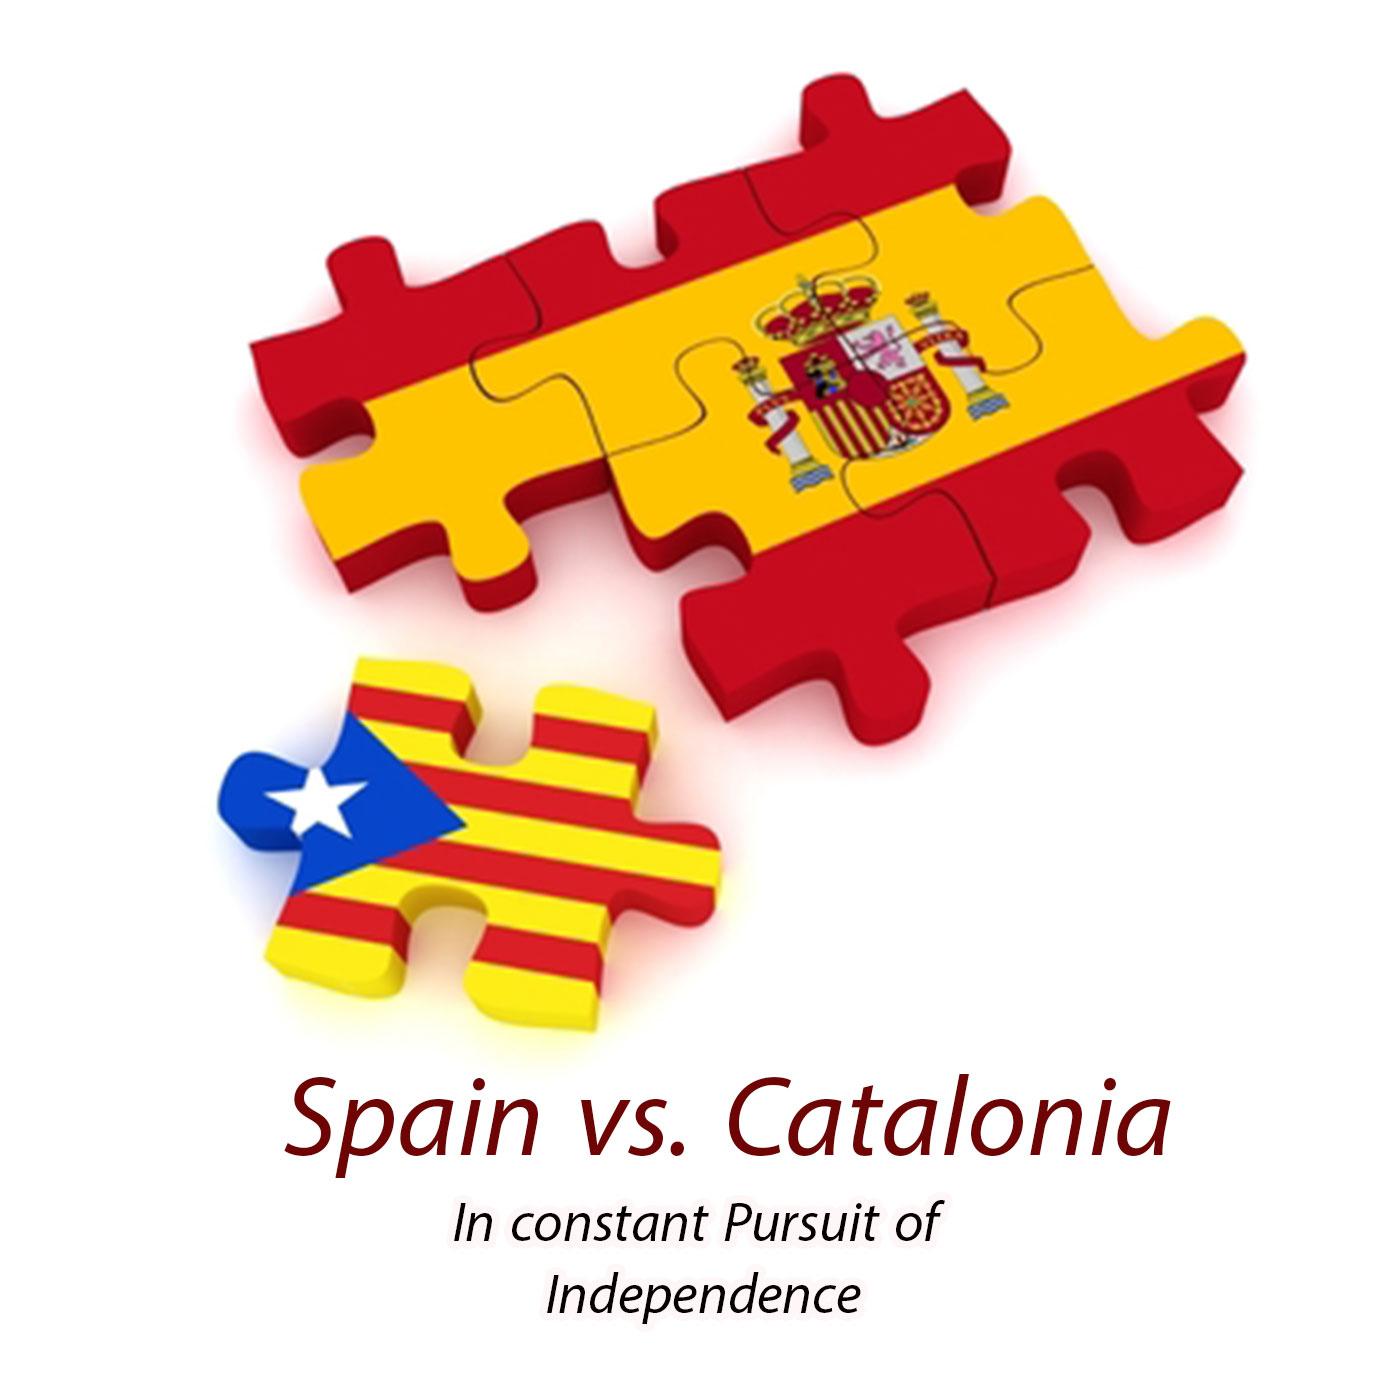 قسمت اول: تلاشی پیوسته برای استقلال/ ماجرای استقلال کاتالونیا از اسپانیا